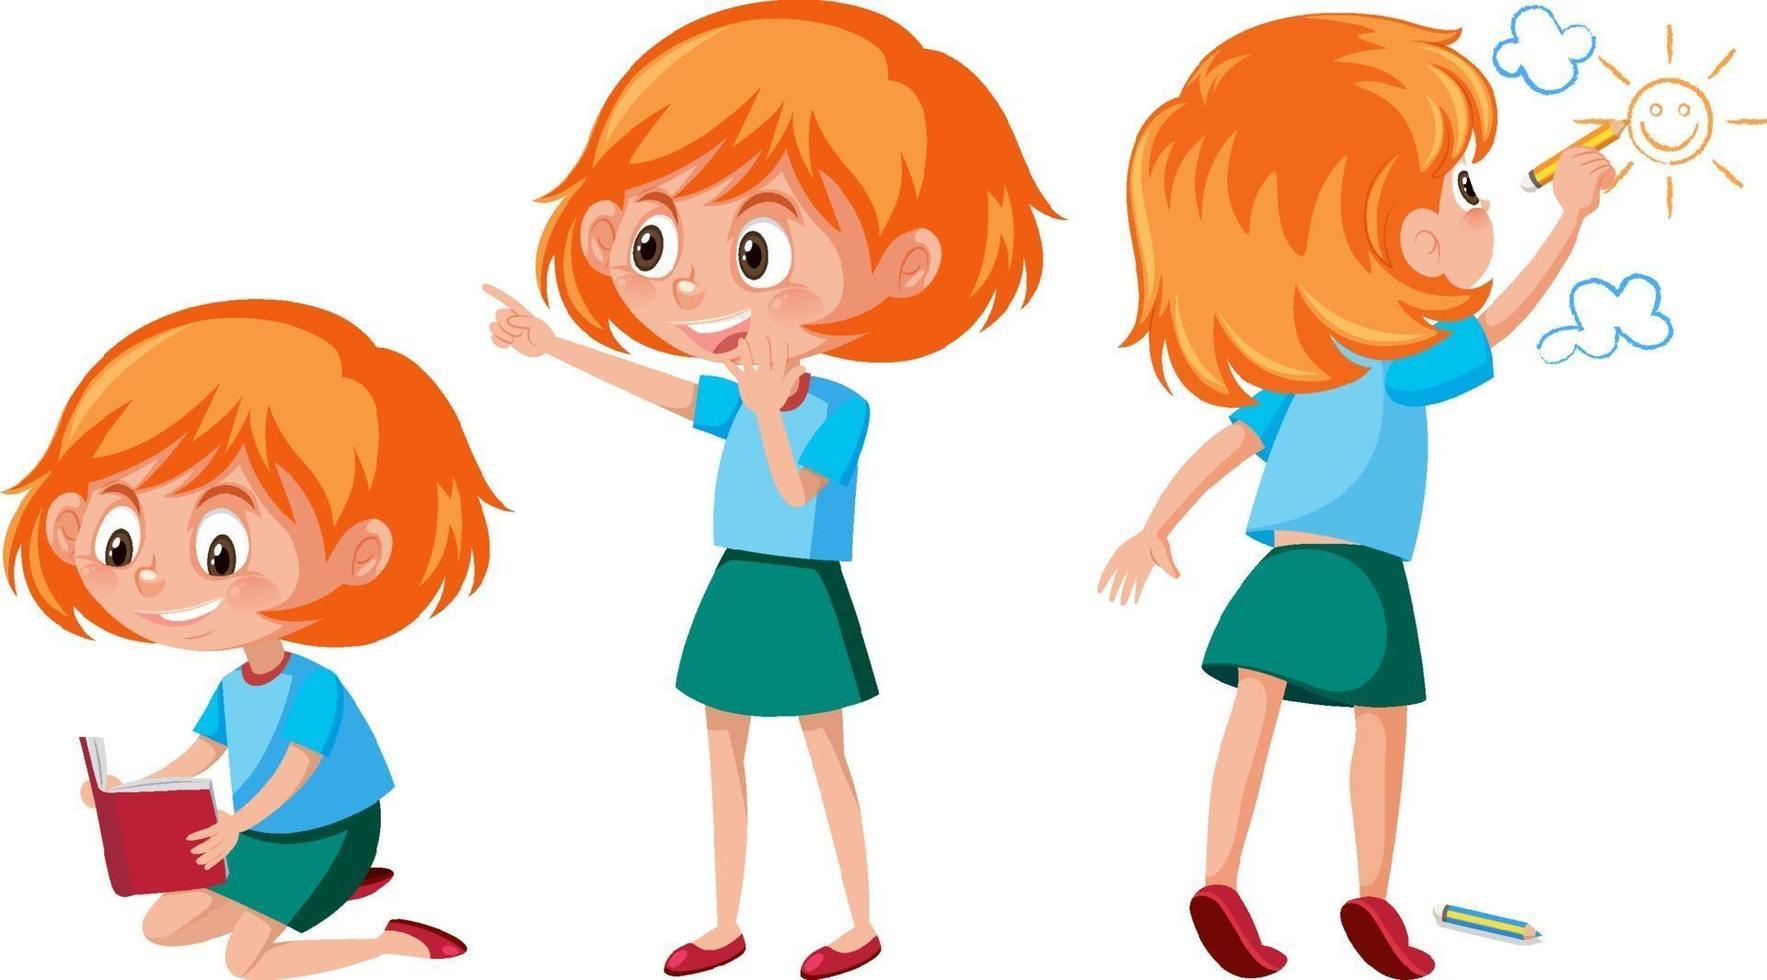 ensemble d & # 39; un personnage de dessin animé de fille faisant différentes activités vecteur